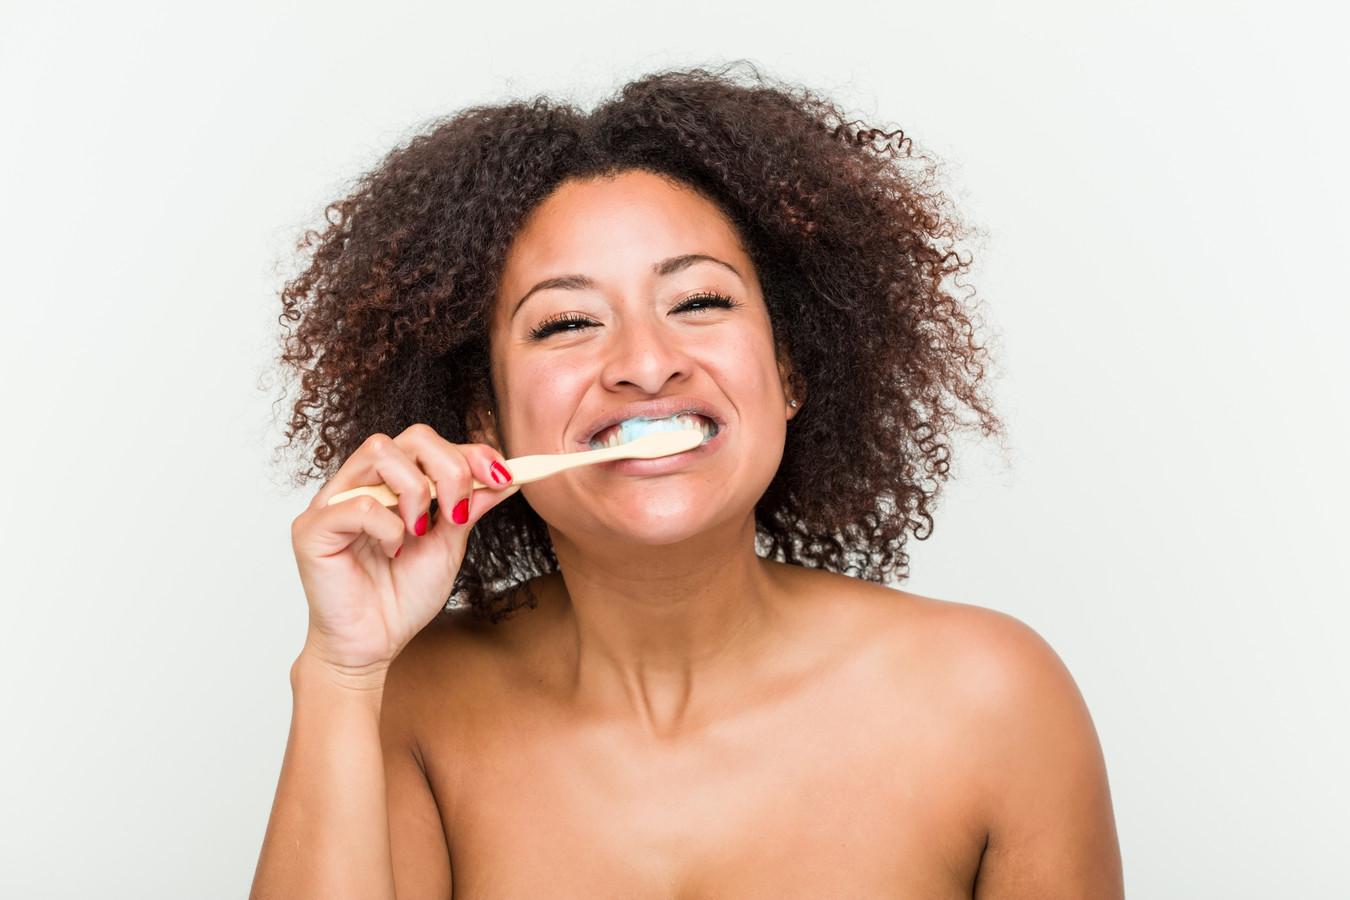 Jonge vrouw poetst haar tanden.